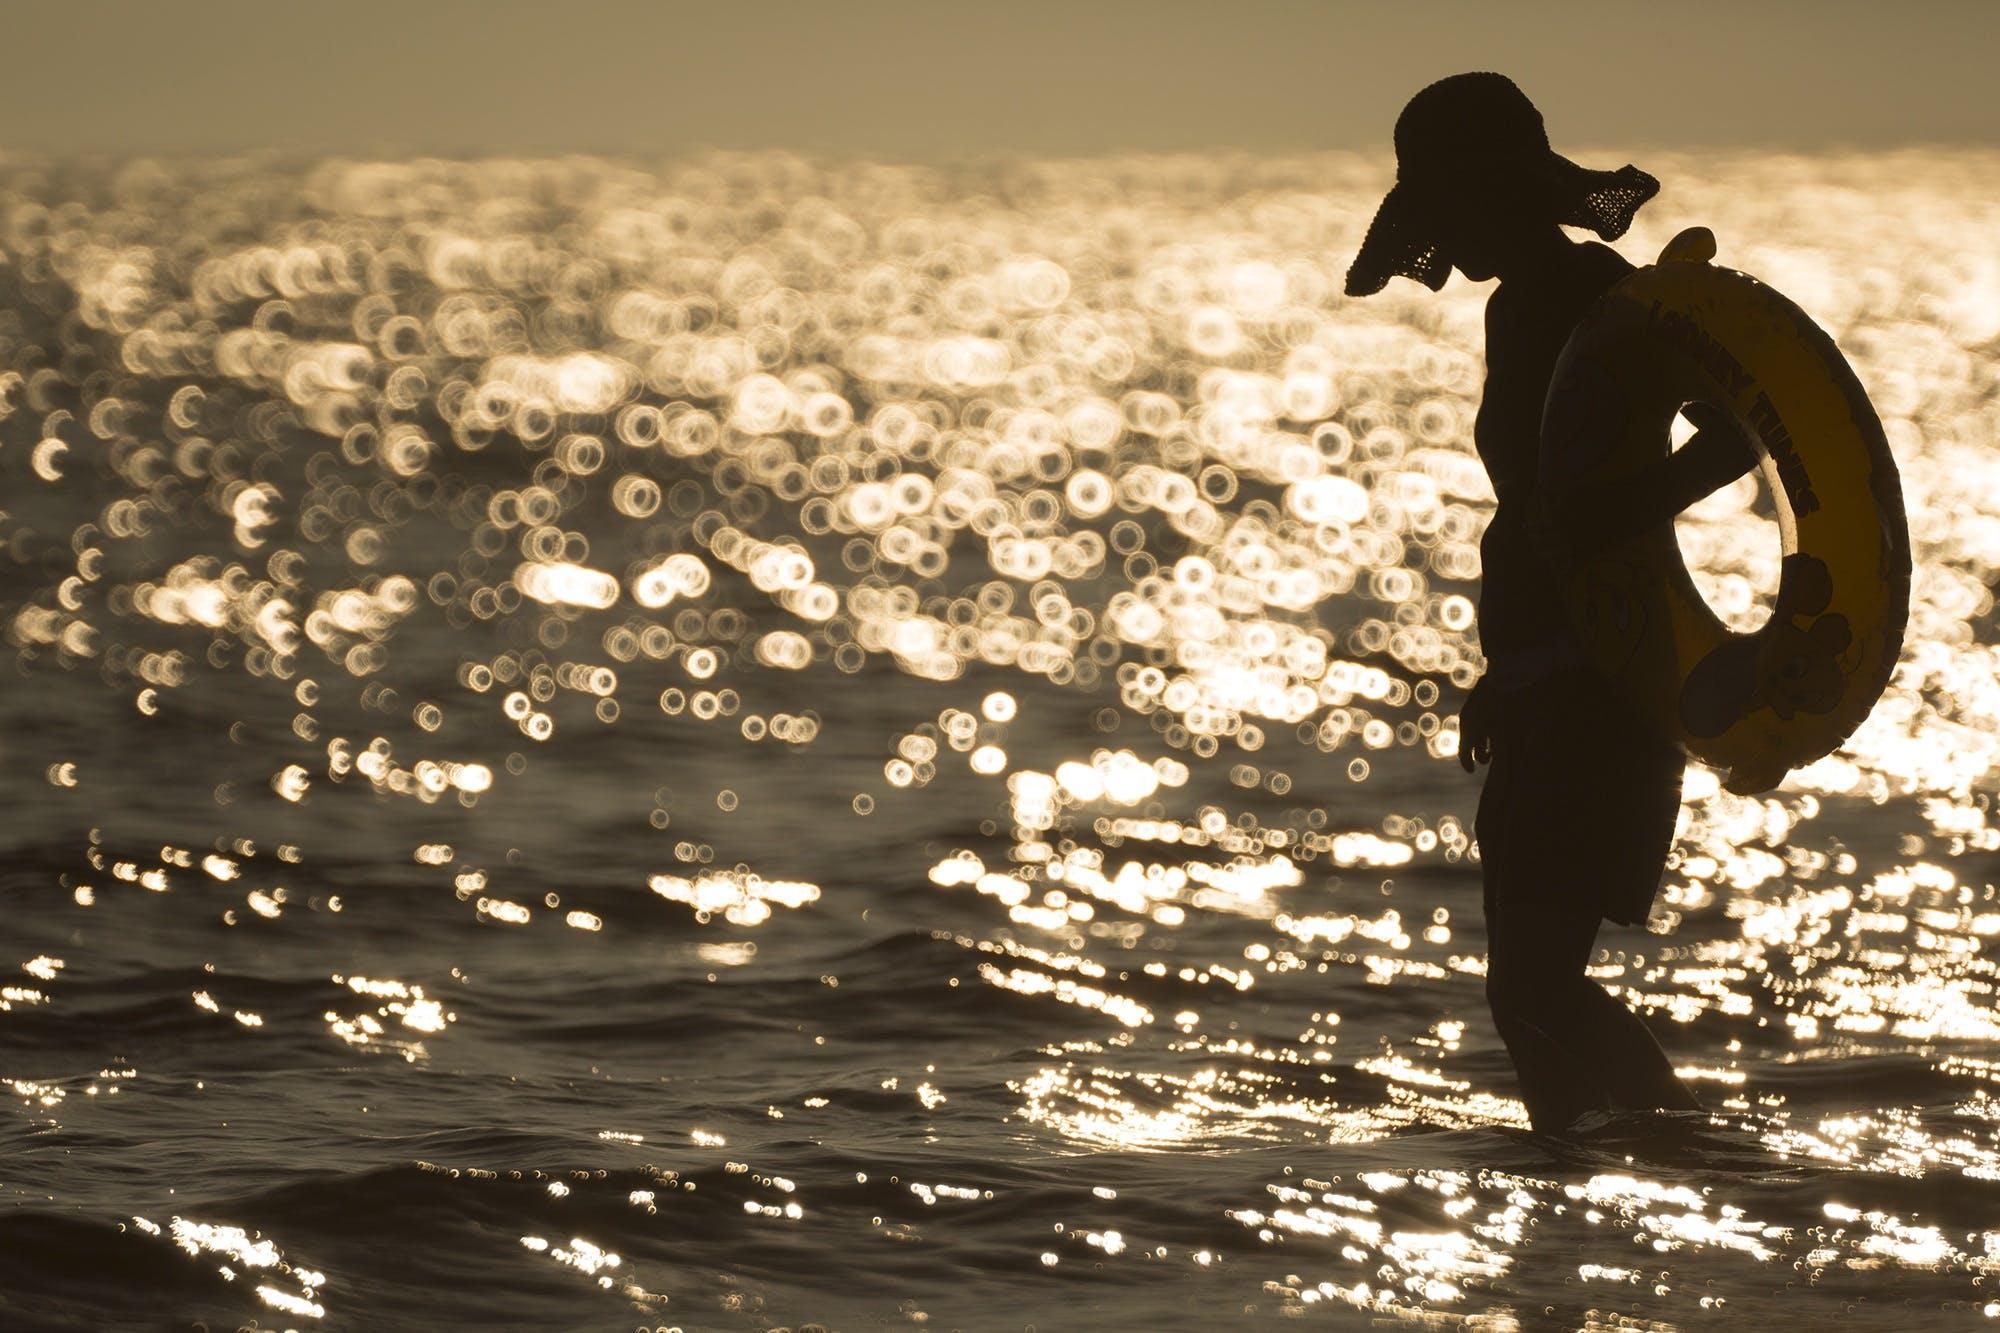 Gratis lagerfoto af hav, person, Pige, strand